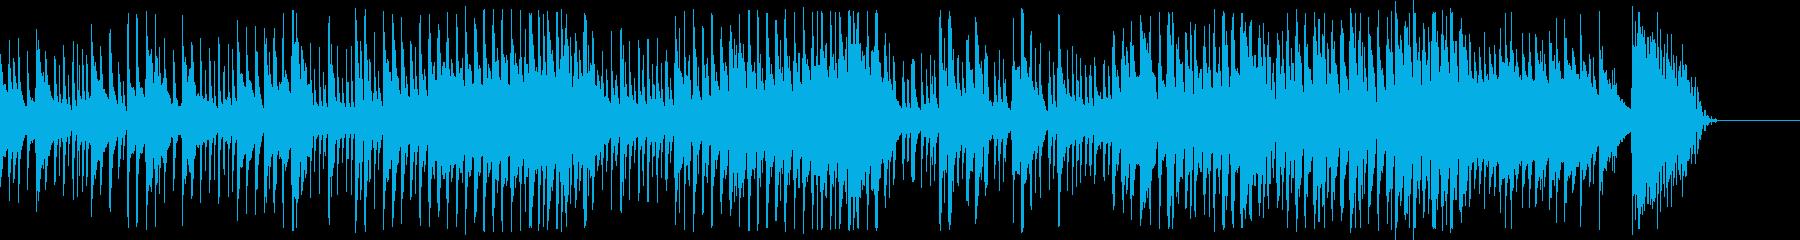 三味線_和楽曲クラブミックスの再生済みの波形